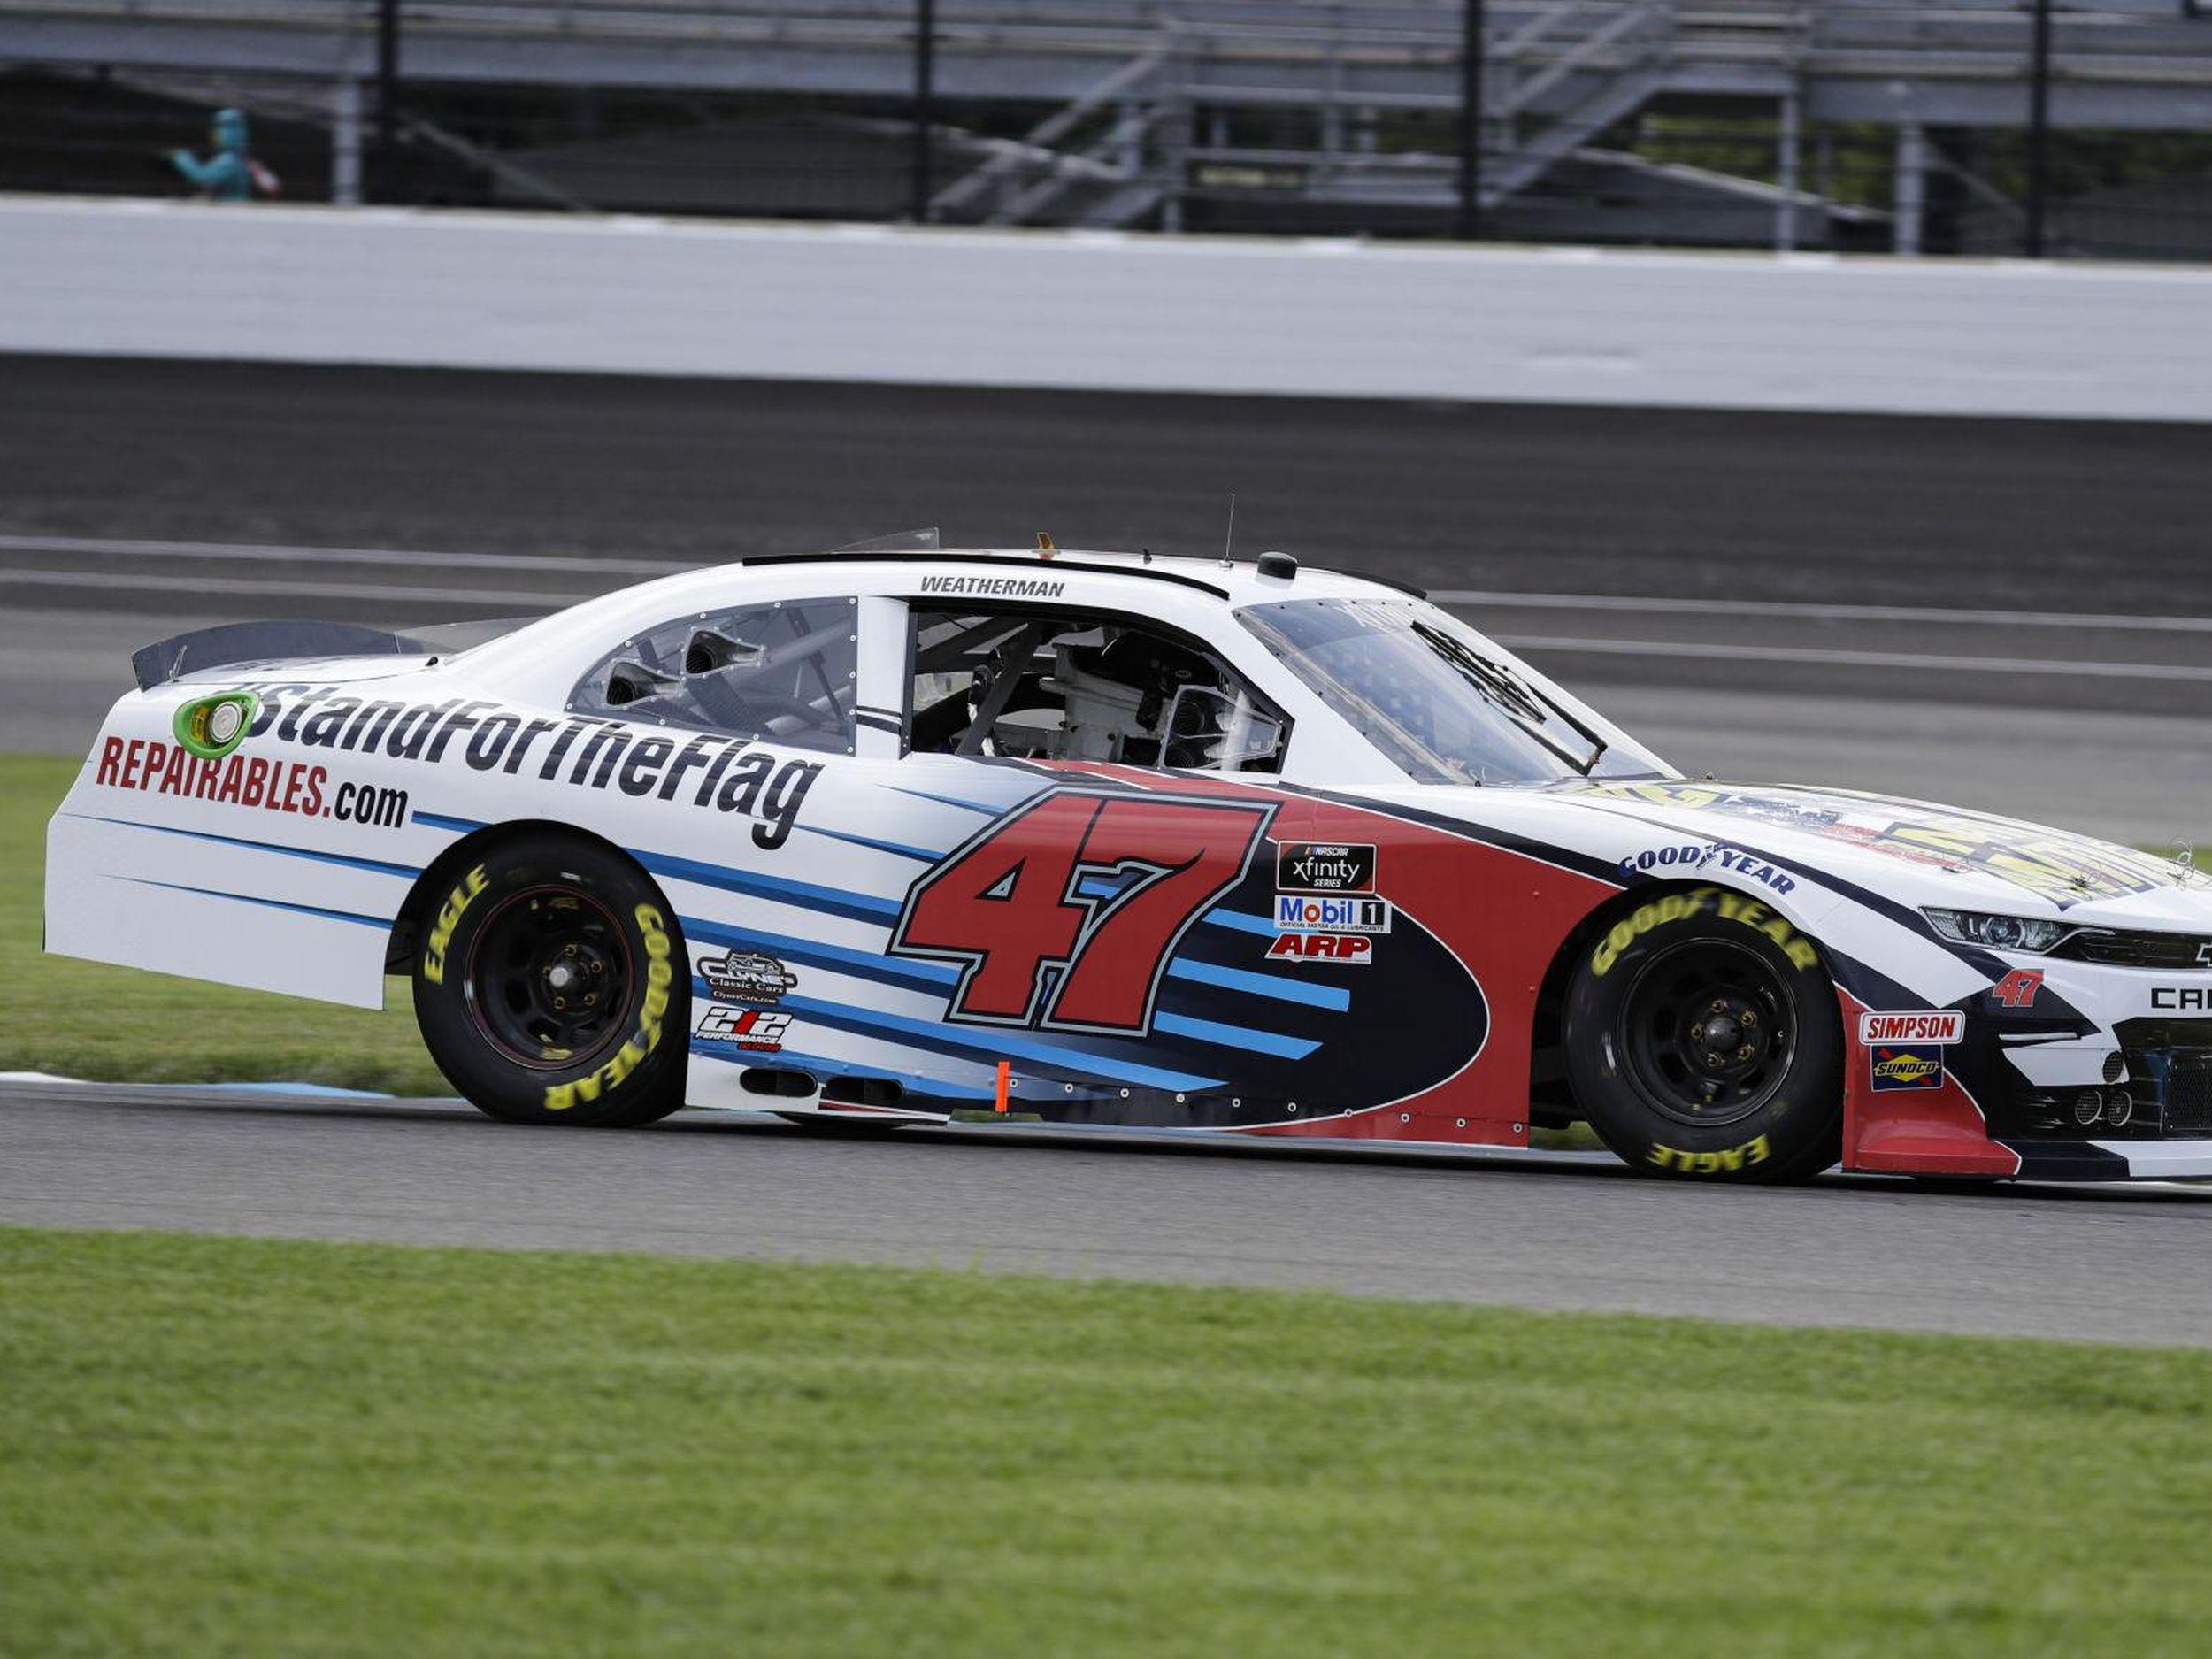 NASCAR: Kirabolták az egyik csapatot, még a versenyautót is lenyúlták